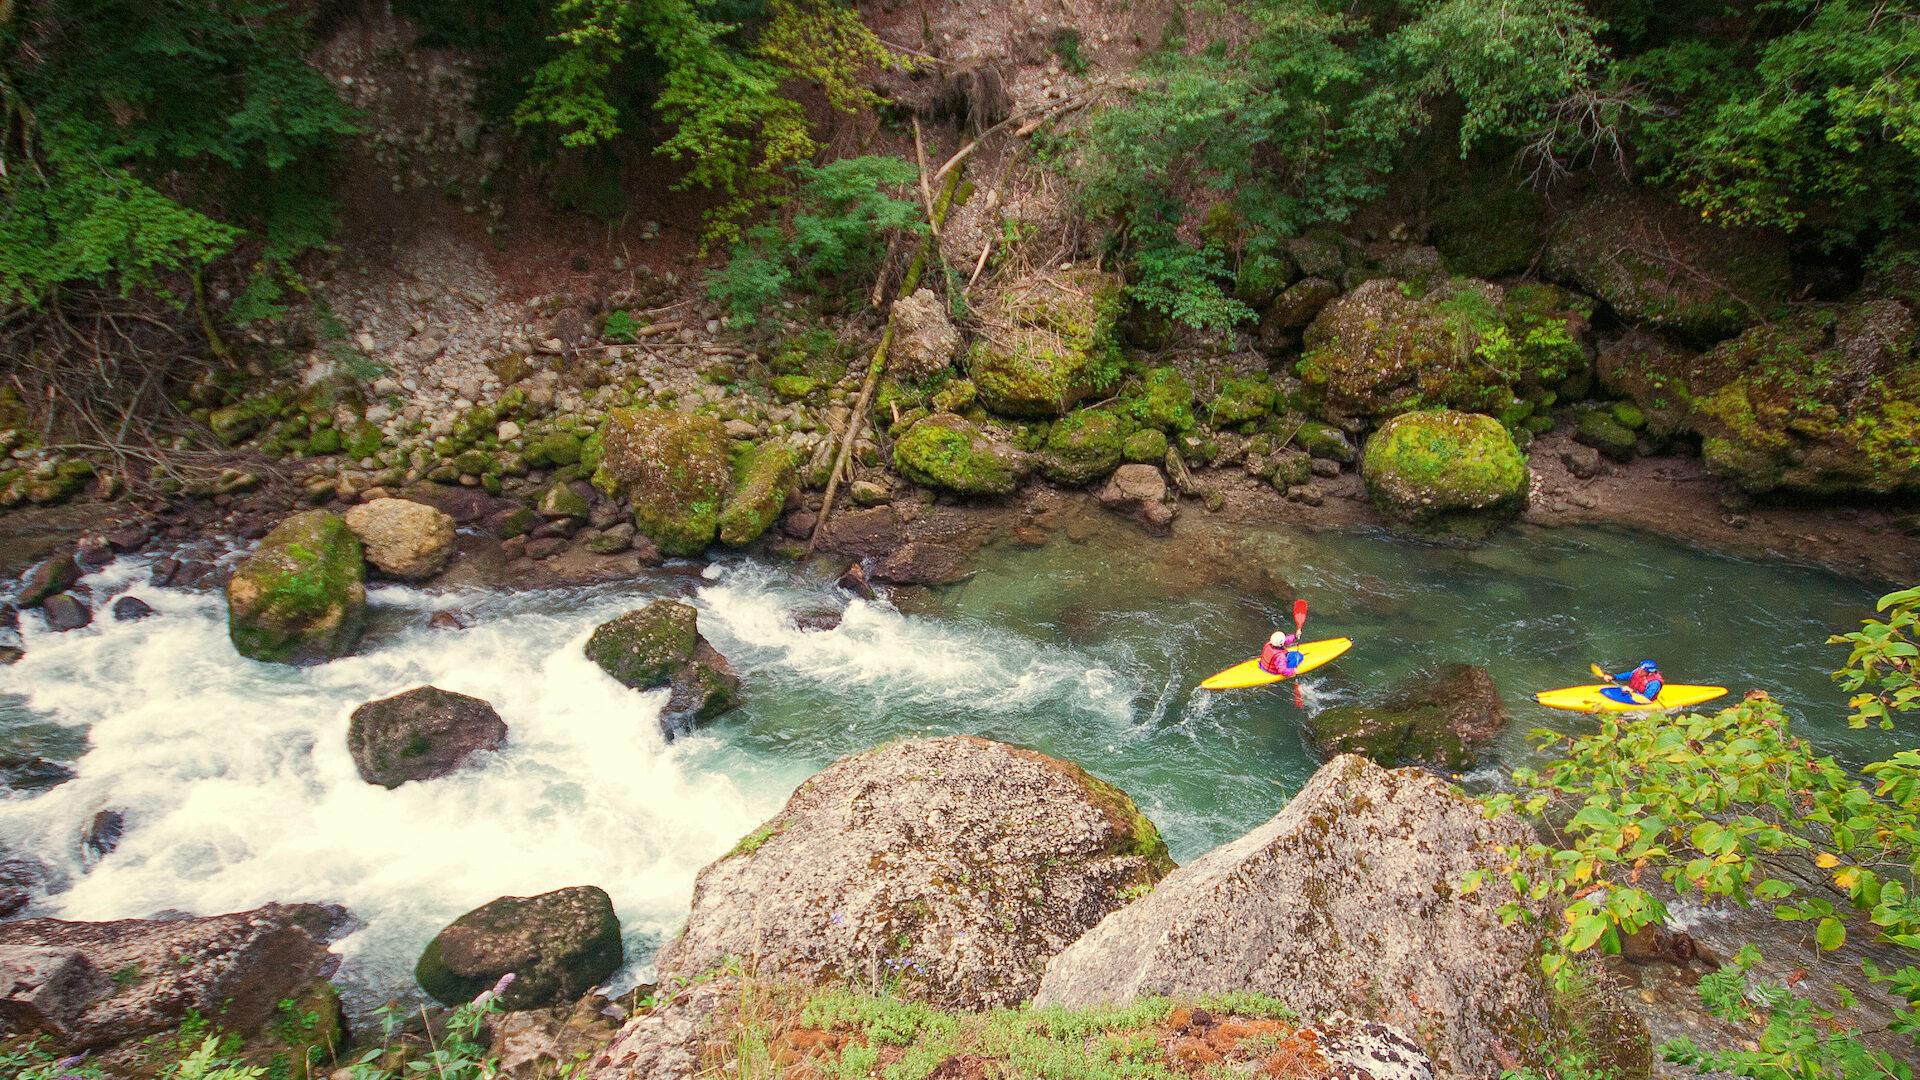 Deux kayaks jaunes dans une rivière